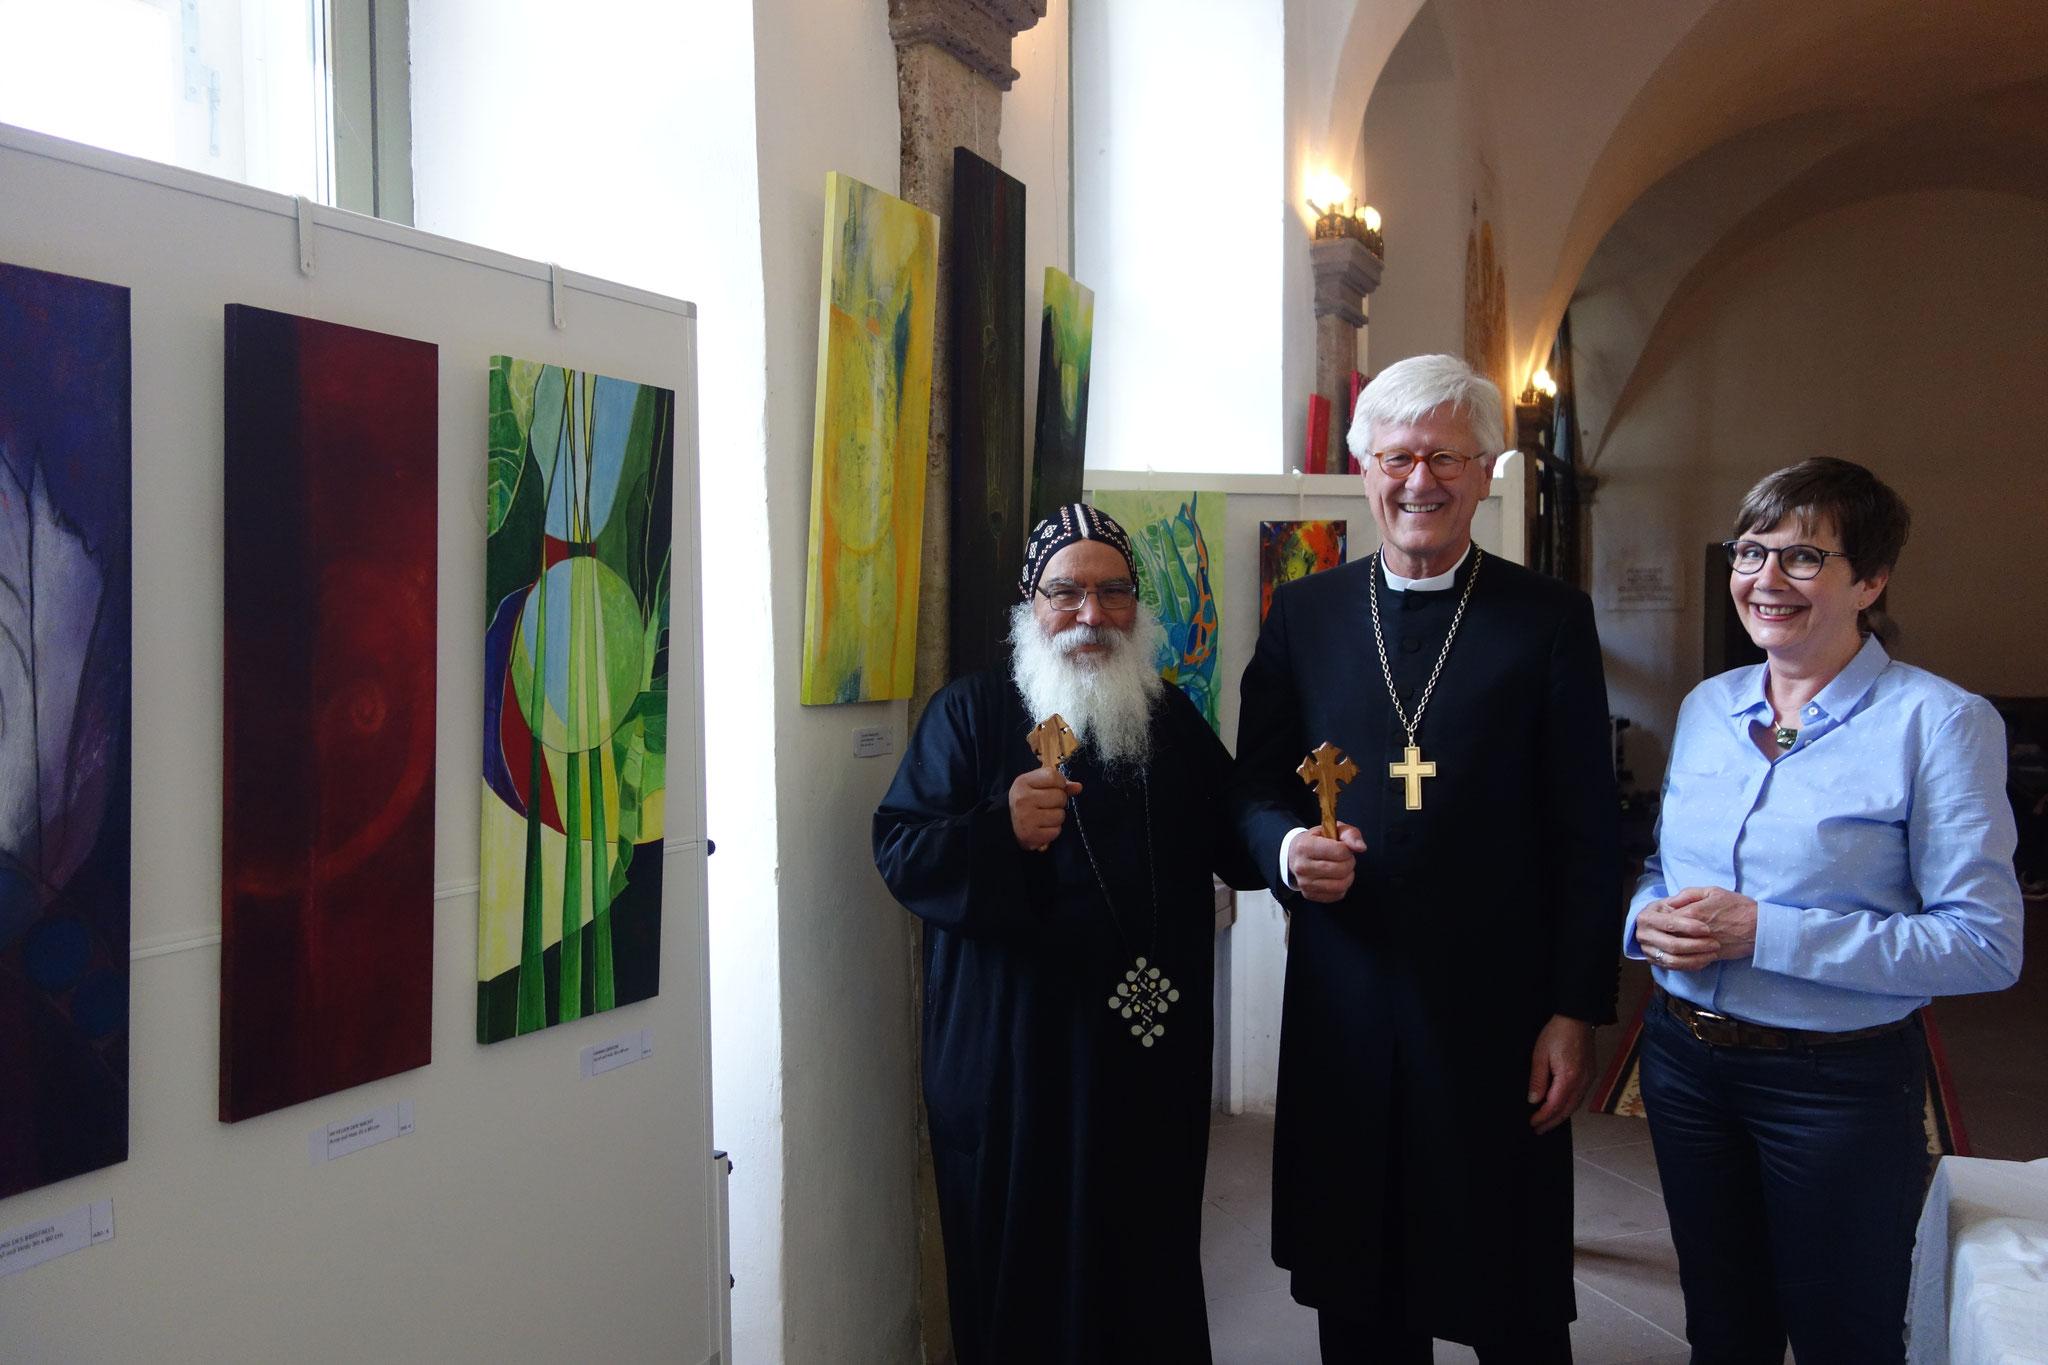 S.E. Bischof Anba Damian, Prof. Dr. Heinrich Bedford-Strohm und Jutta Schlier. Foto: Daniela Rutica